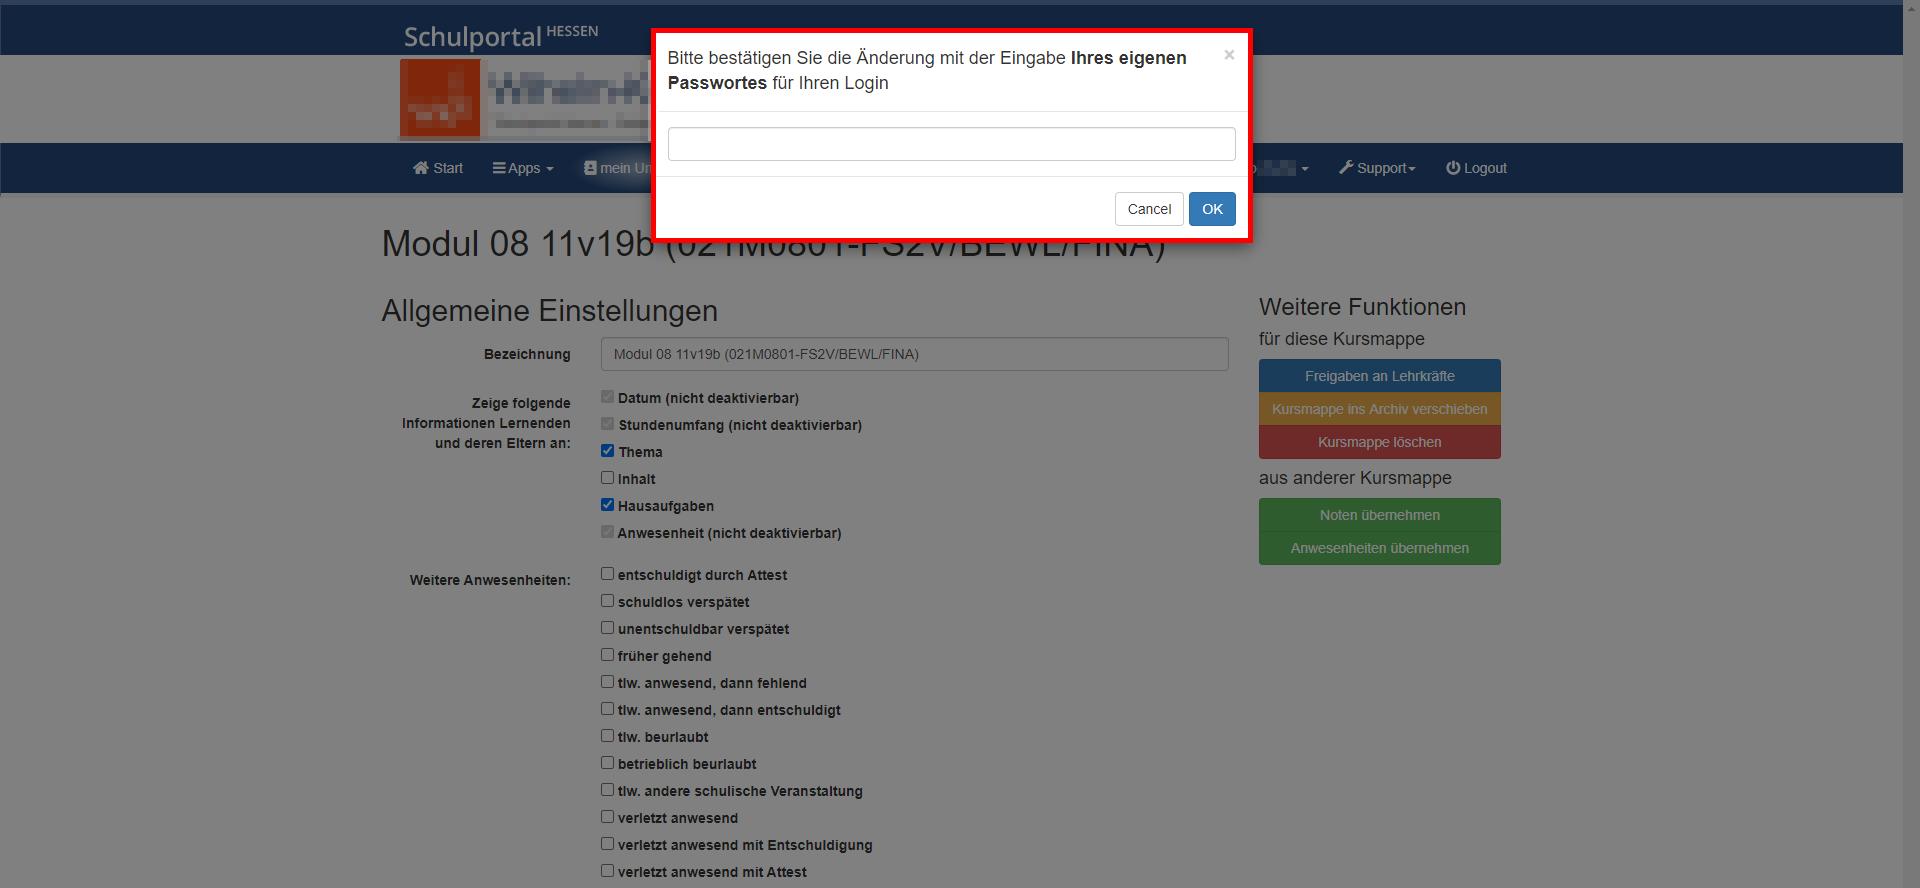 Entscheidung mit der Passwort-Eingabe bestätigen